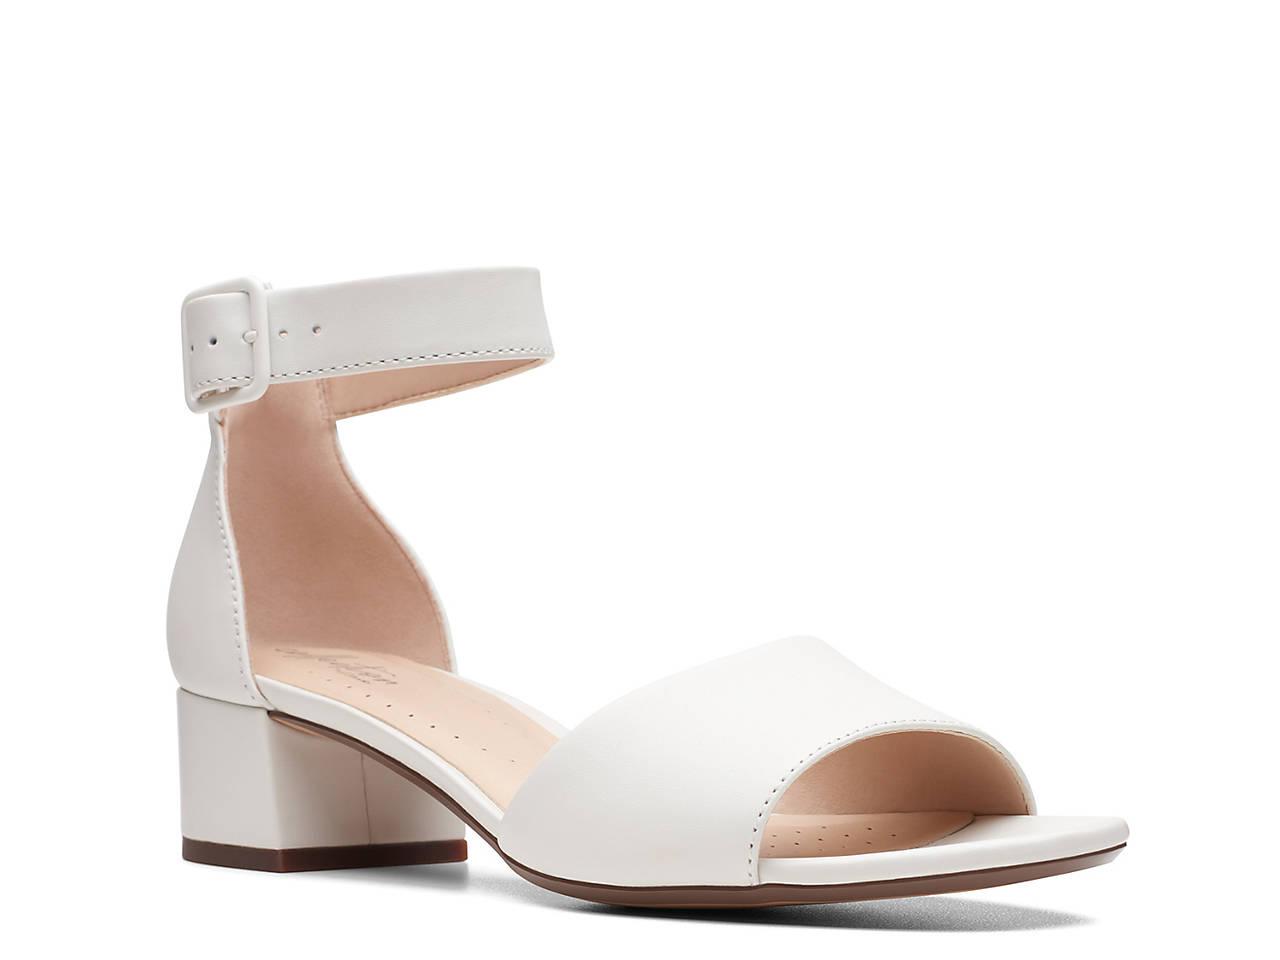 47bdc2e9b48 Clarks Elisa Dedra Sandal Women s Shoes